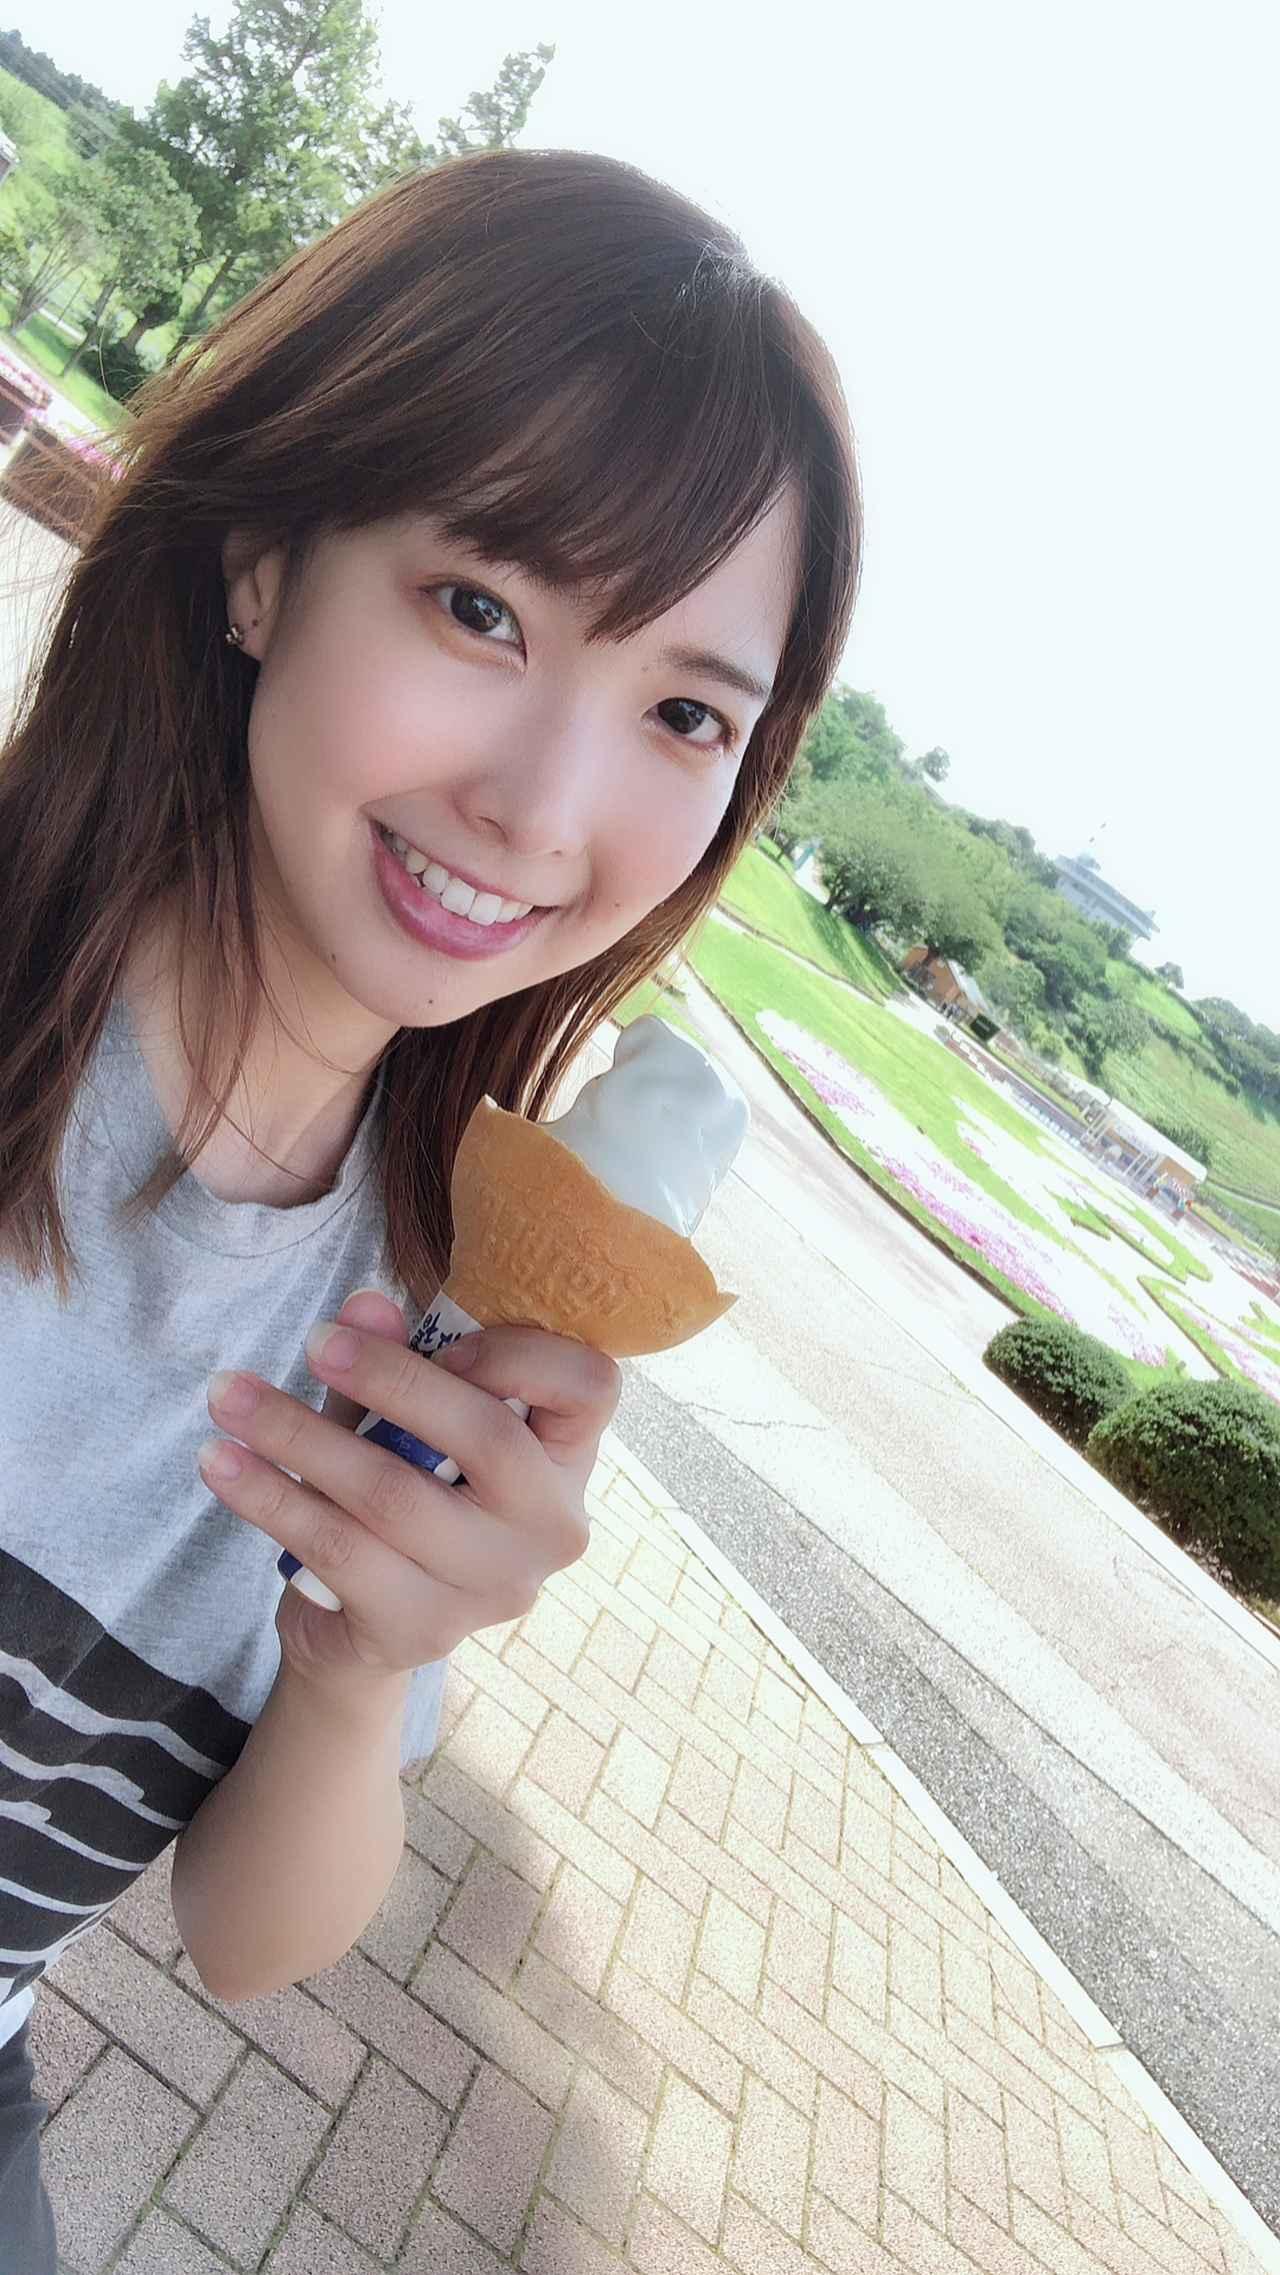 画像6: 西田望見の「休日おすそわけ」/ソフトクリーム編  『ソフトクリームがたべたいっっっ…!』